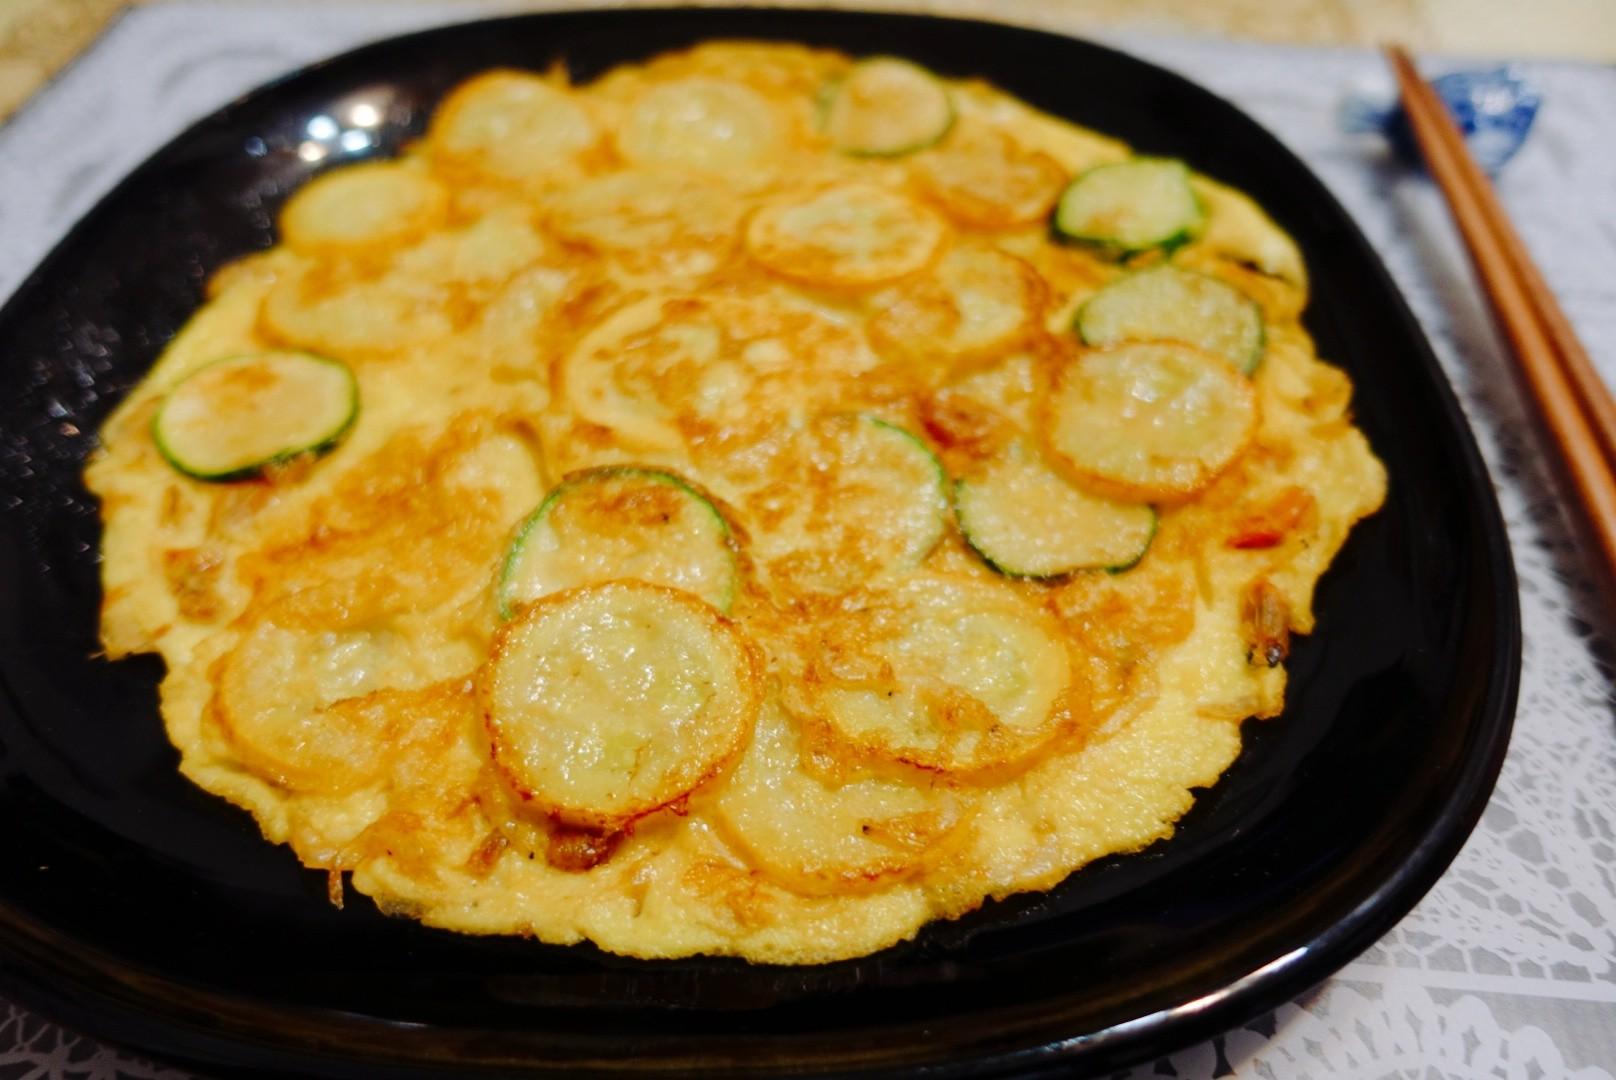 【食譜】櫛瓜煎蛋|簡單美觀又超好吃,還很營養又健康